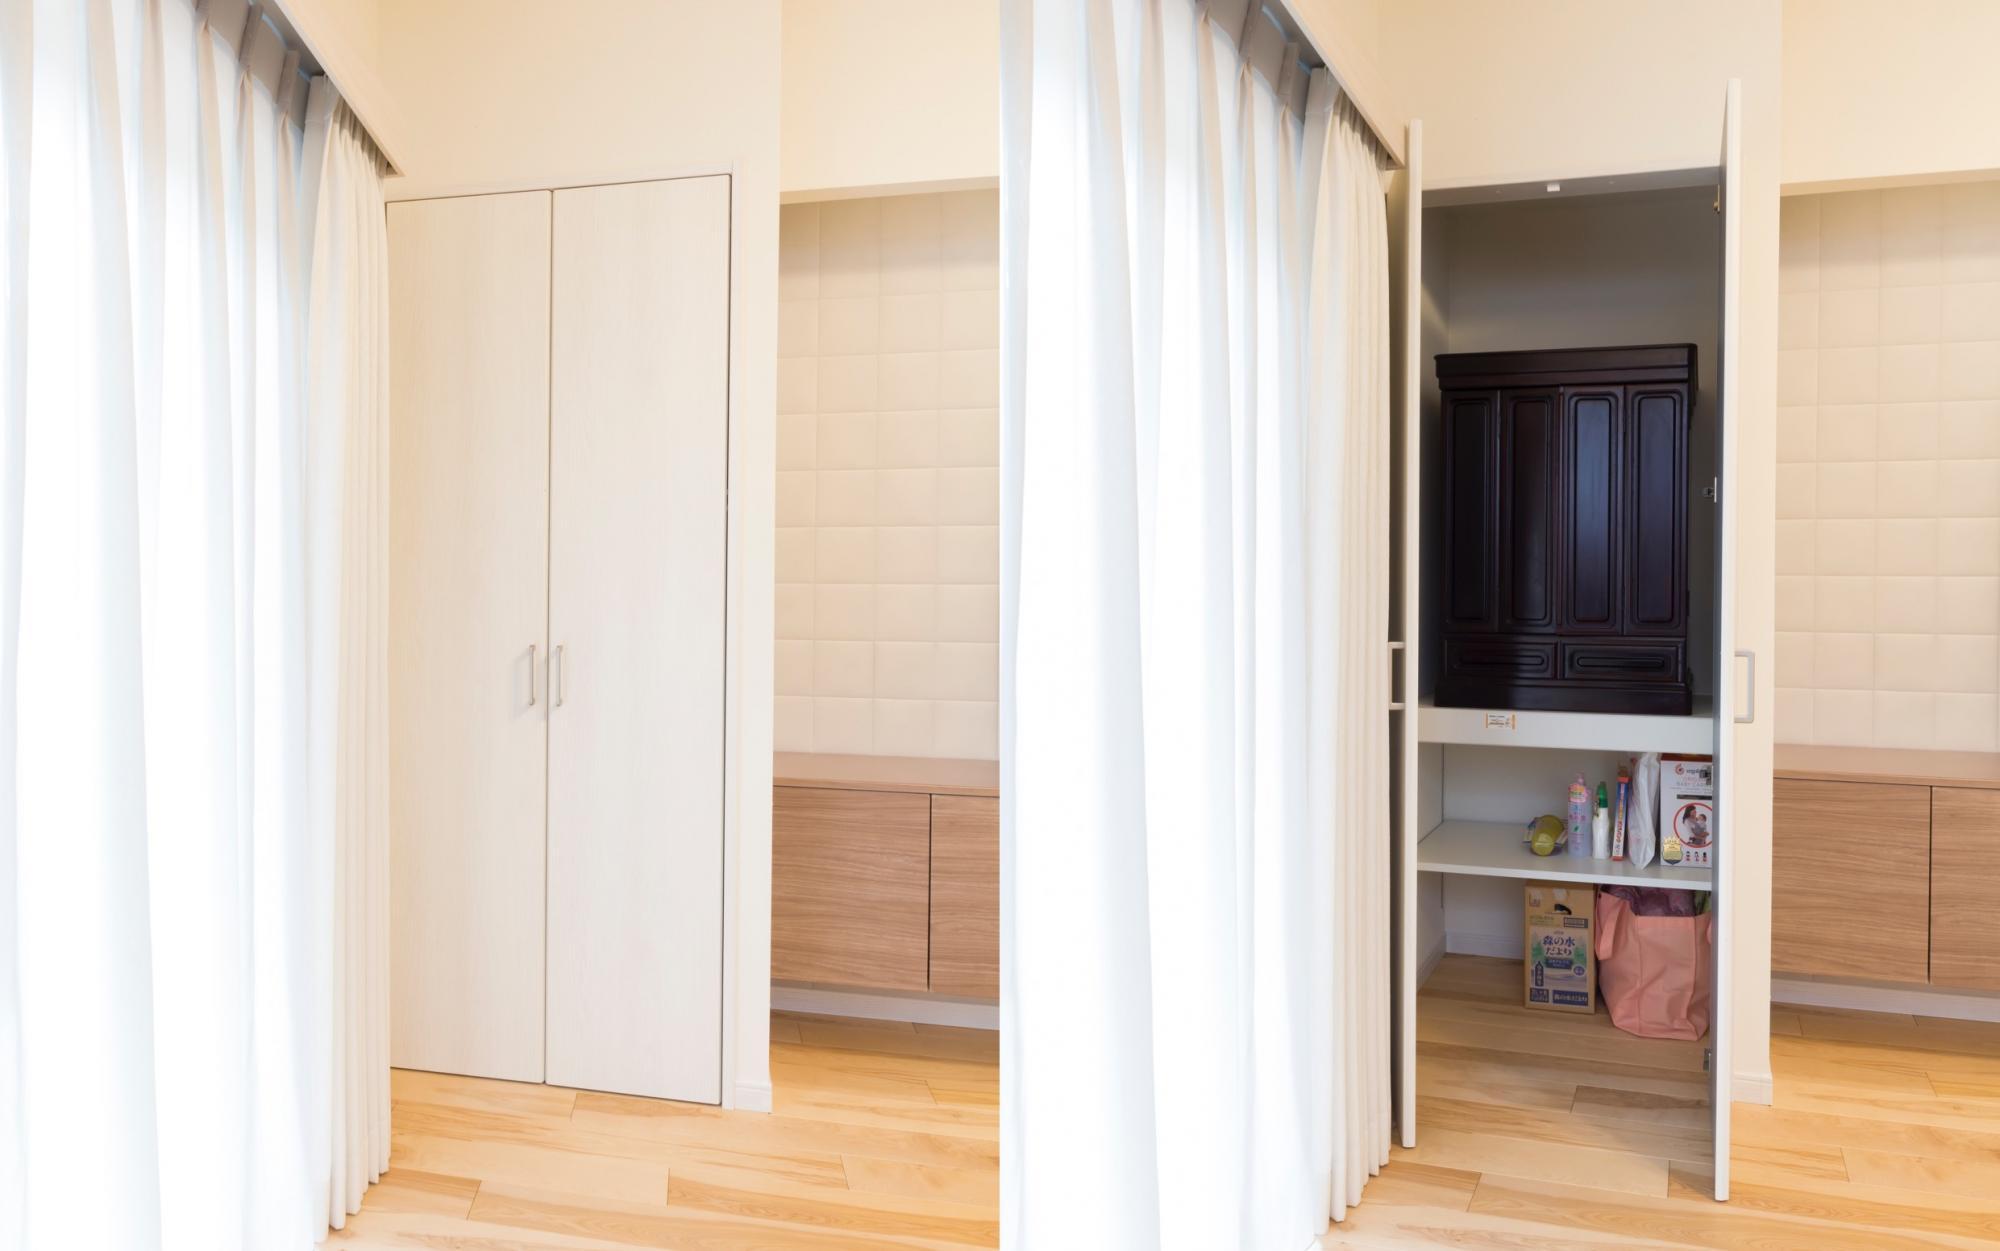 リビングのTVボードの横にシンプルな扉のお仏壇スペースを設置。収納扉のようで目立ちにくく、ゲストが来たときは扉を閉めればインテリアの雰囲気を壊しません。